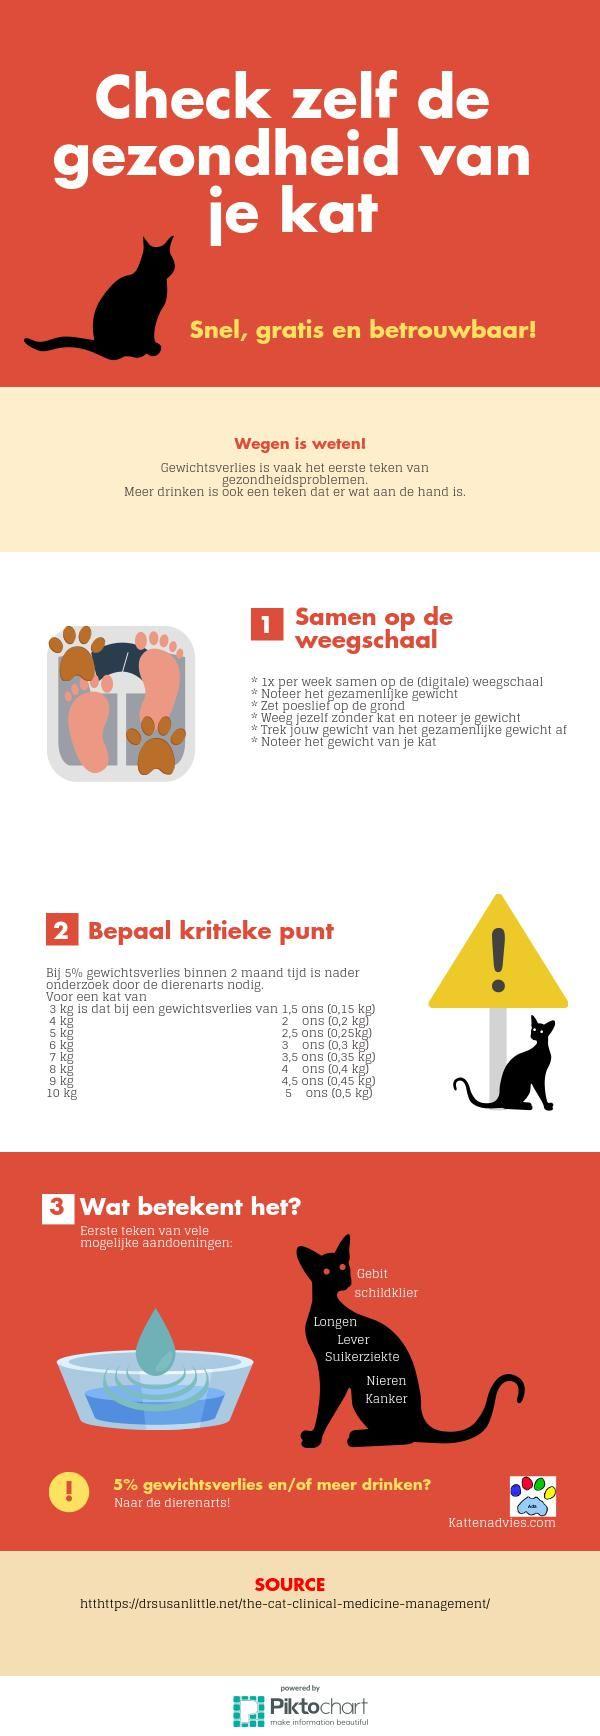 Check zelf de gezondheid van je kat | @Piktochart Infographic